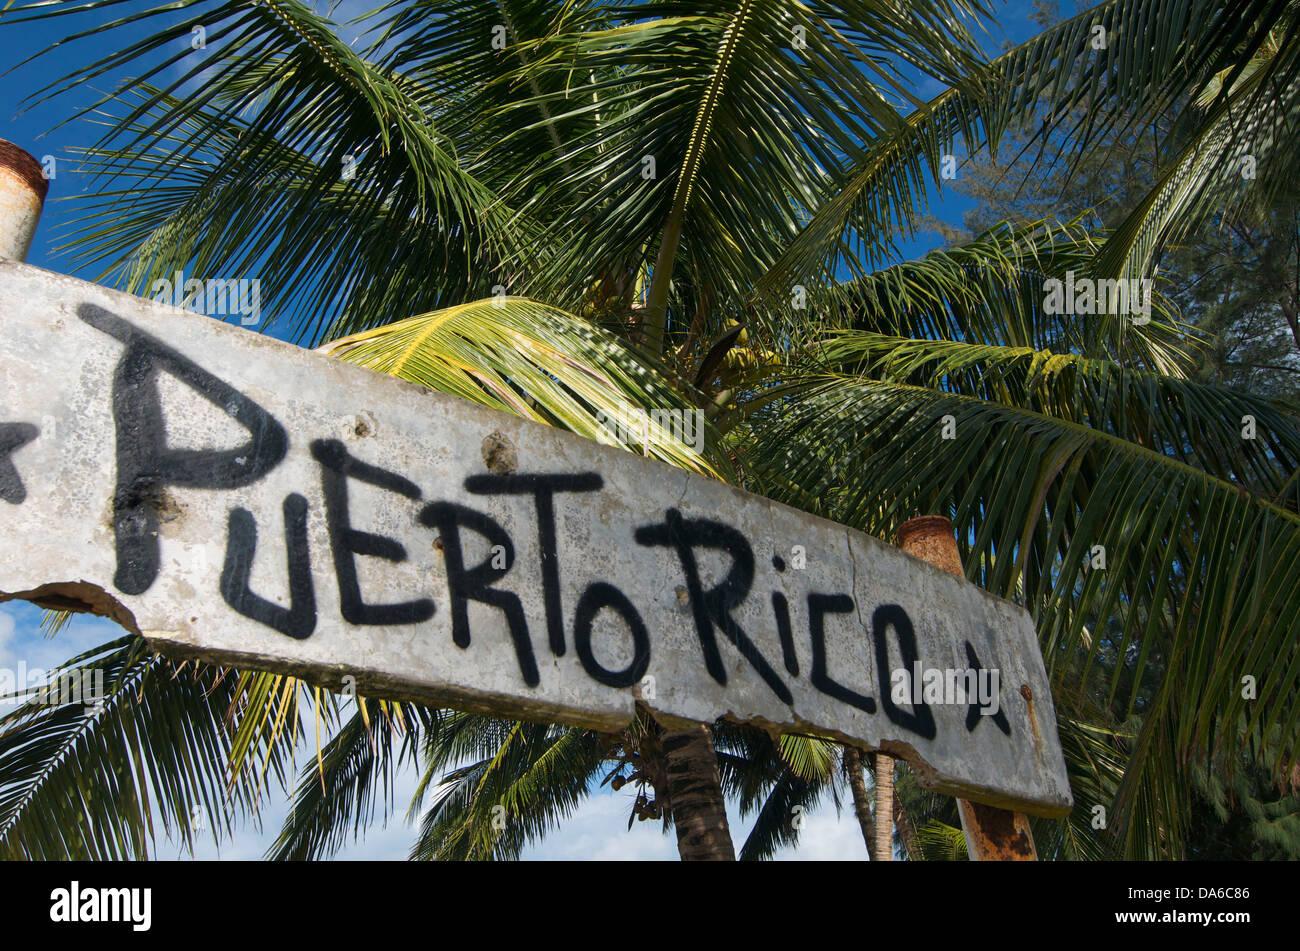 Puerto Rico, el Caribe, Antillas Mayores, Antillas, Luquillo, palm beach, playas de palmeras, playa de arena, playas Imagen De Stock